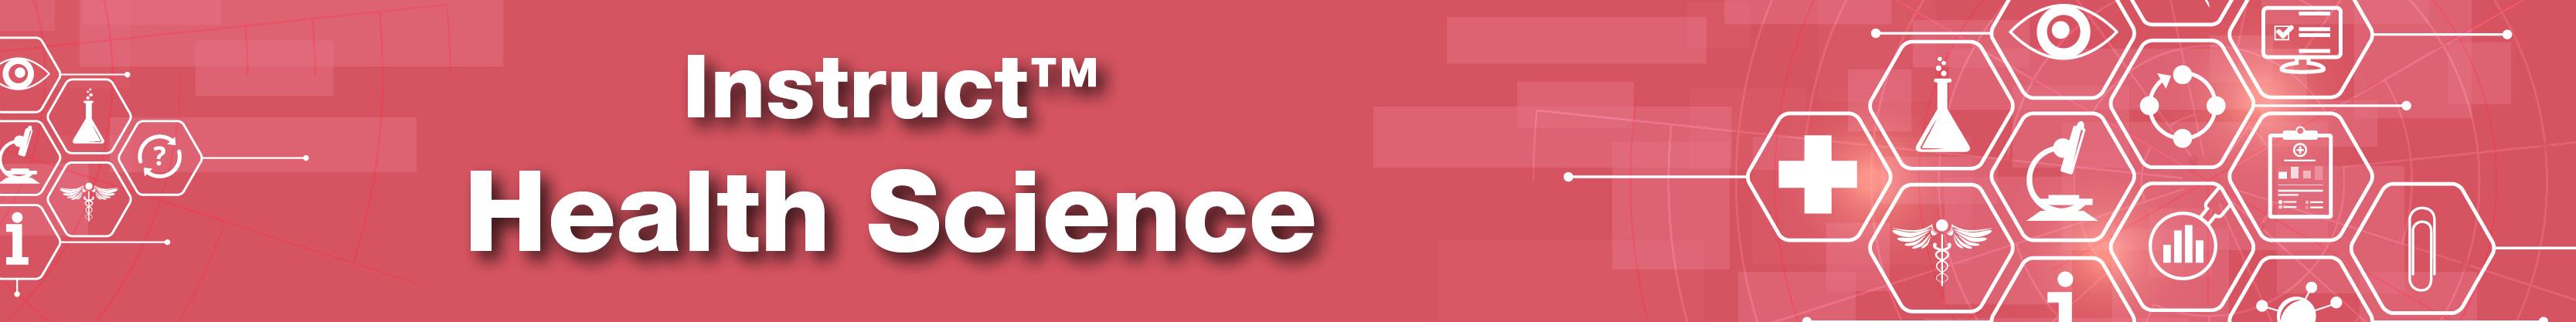 InstructHealthScience_LandingPageHeader_1600x200 v2